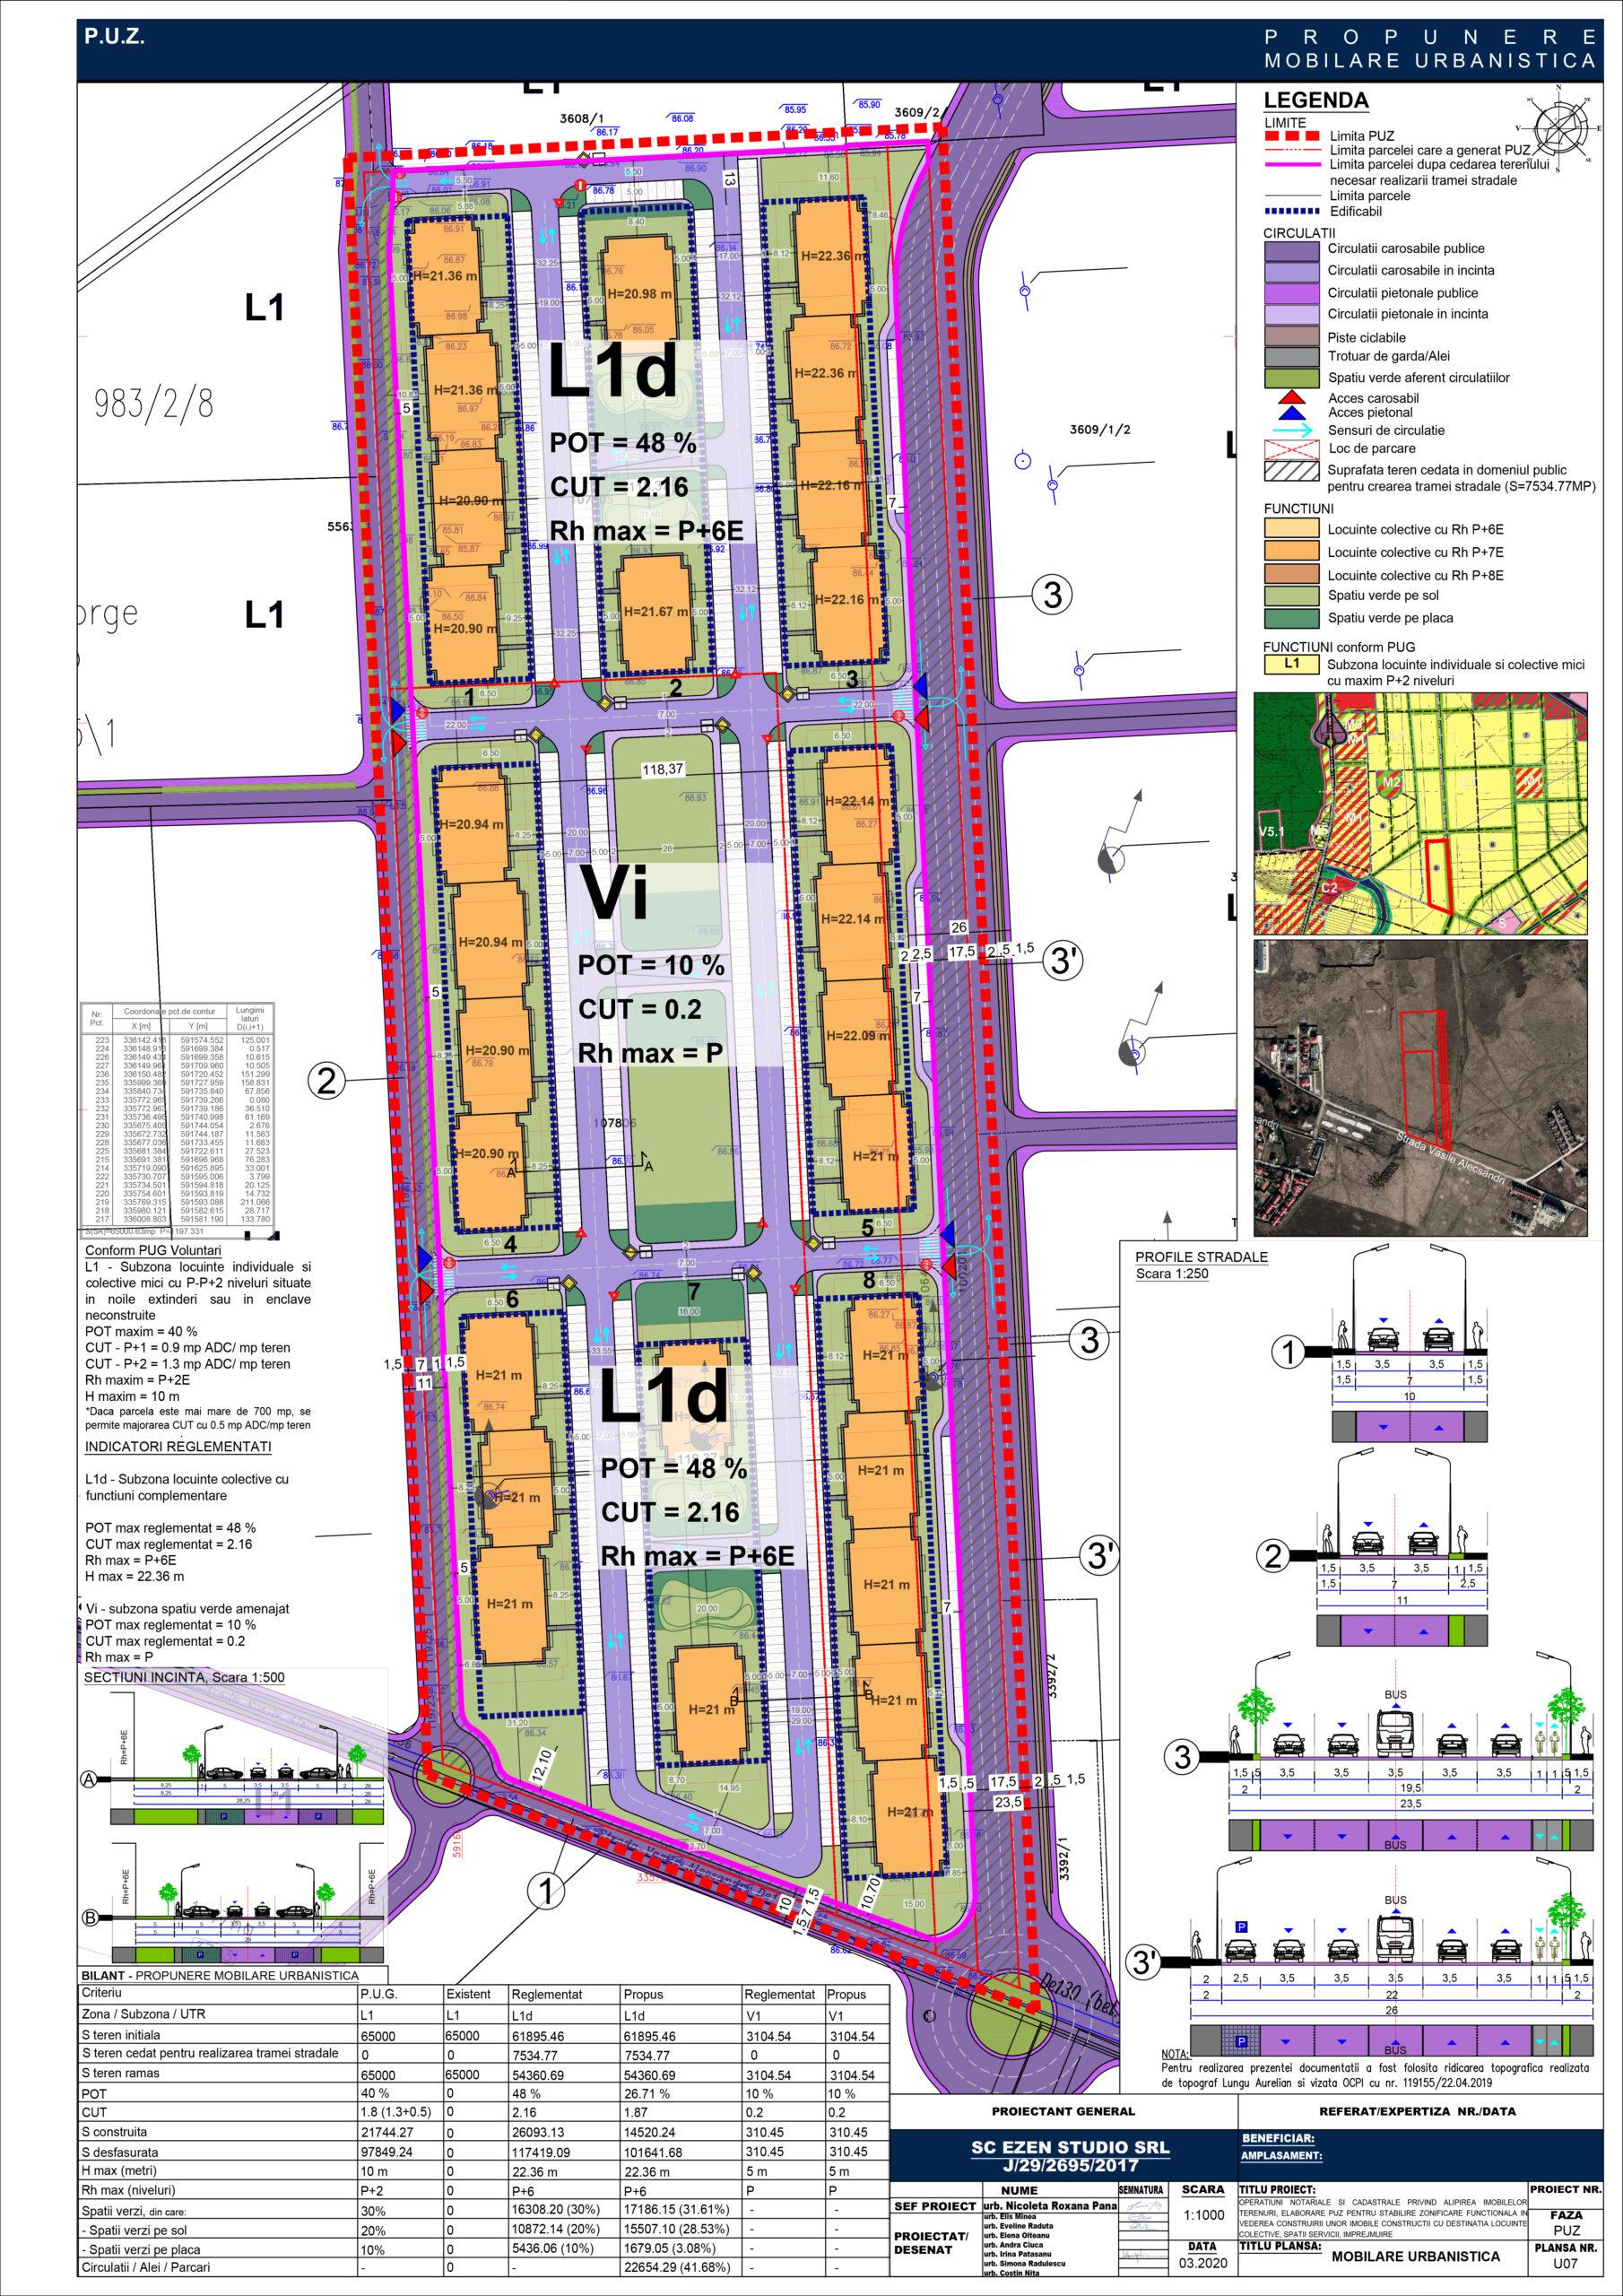 Elaborare PUZ pentru stabilire zonificare funcțională în vederea construirii unor imobile construcții cu destinația locuințe colective, spații servicii, împrejmuire - U07 - Mobilare urbanistică